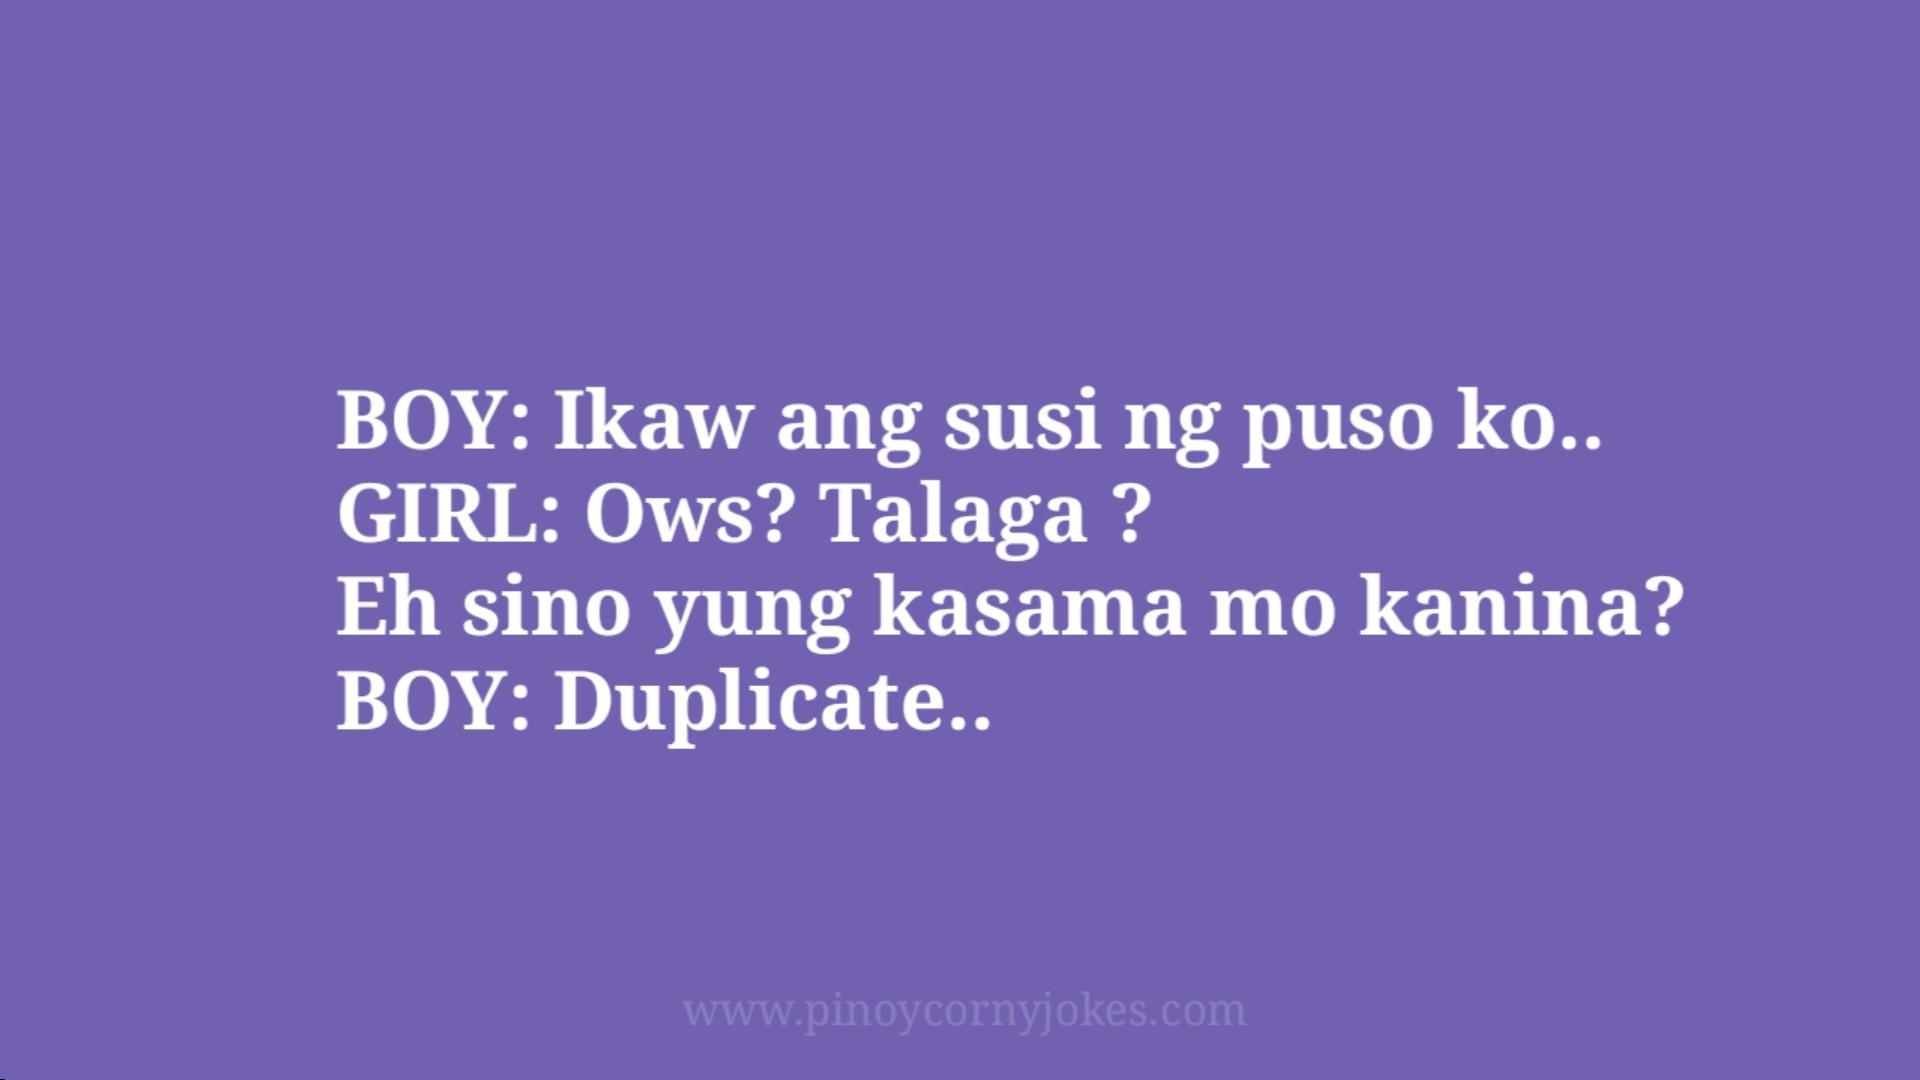 susi ng puso pinoy corny jokes 2021 boy girl